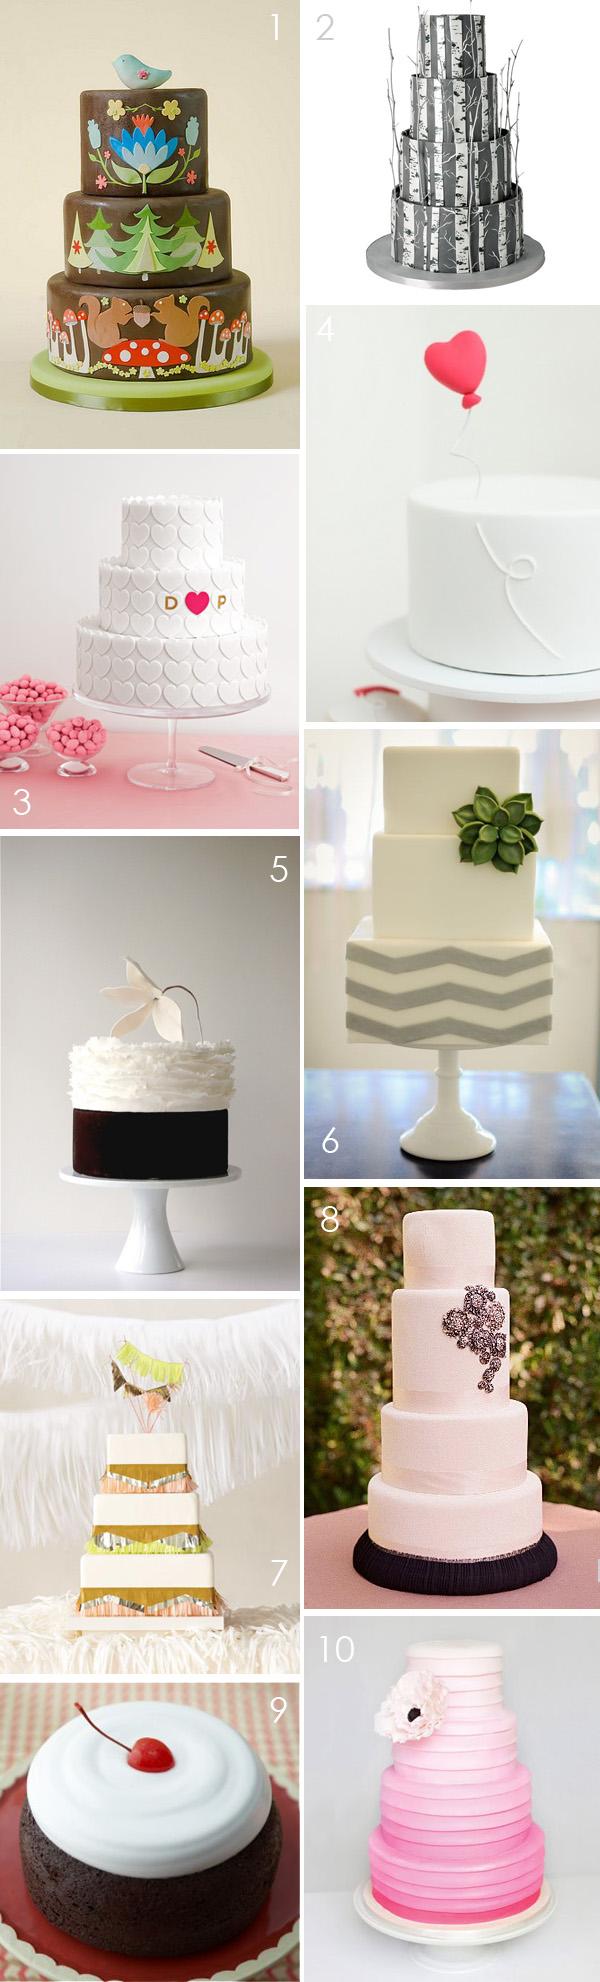 Top 10: Modern wedding cakes | 2 - Brooklyn Bride - Modern Wedding Blog